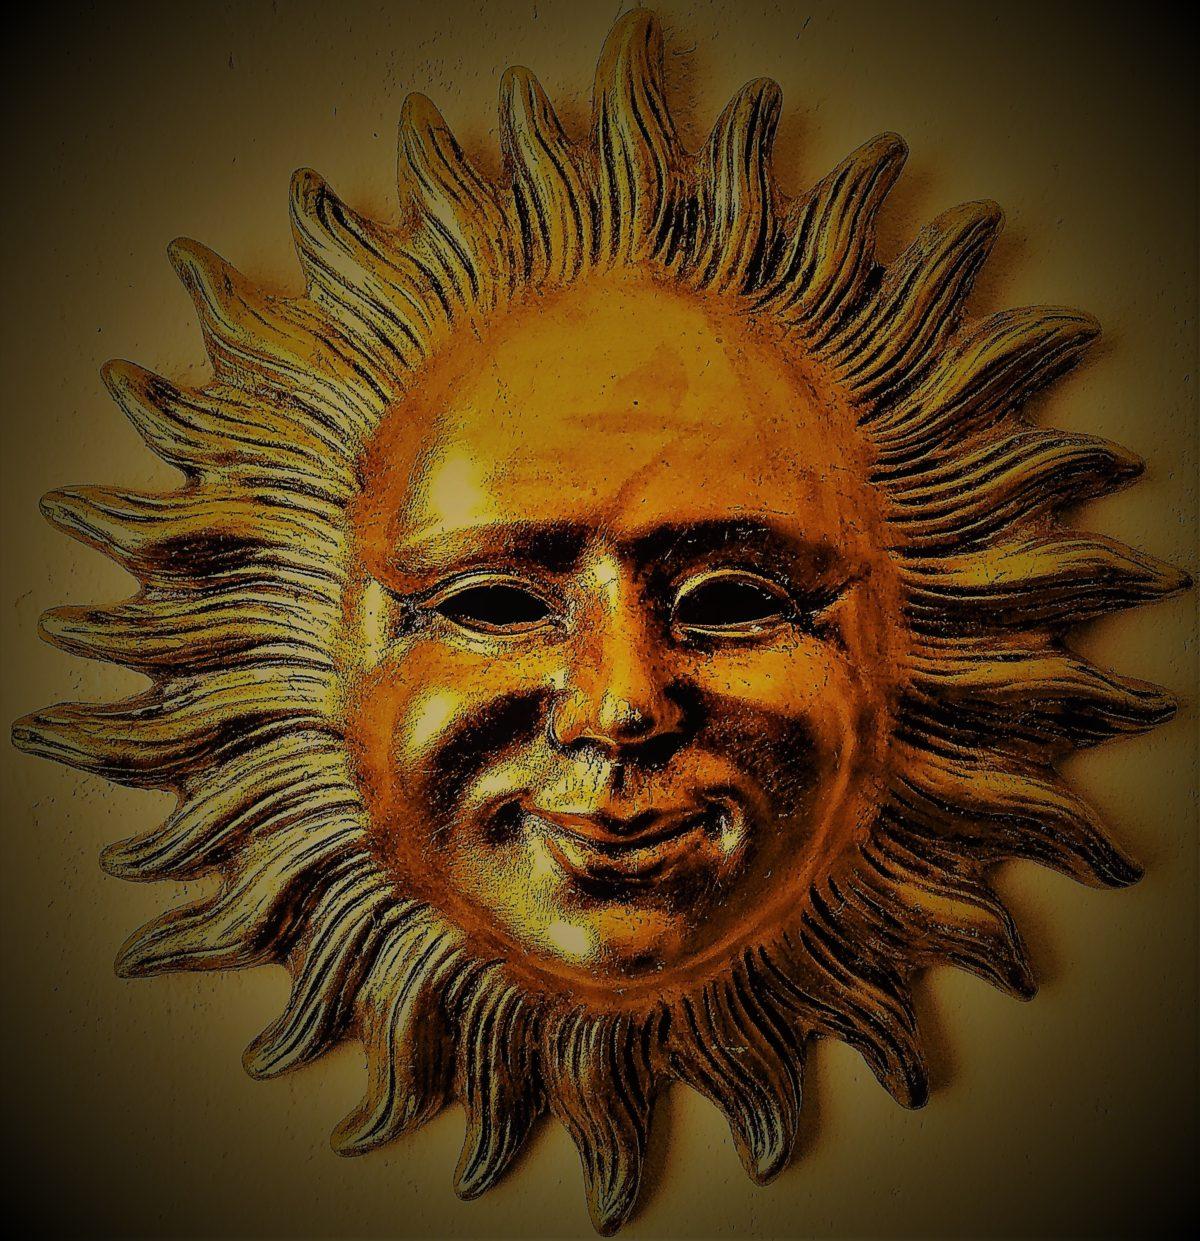 Soleil vénitien doré figurant un visage humain souriant et bienveillant.